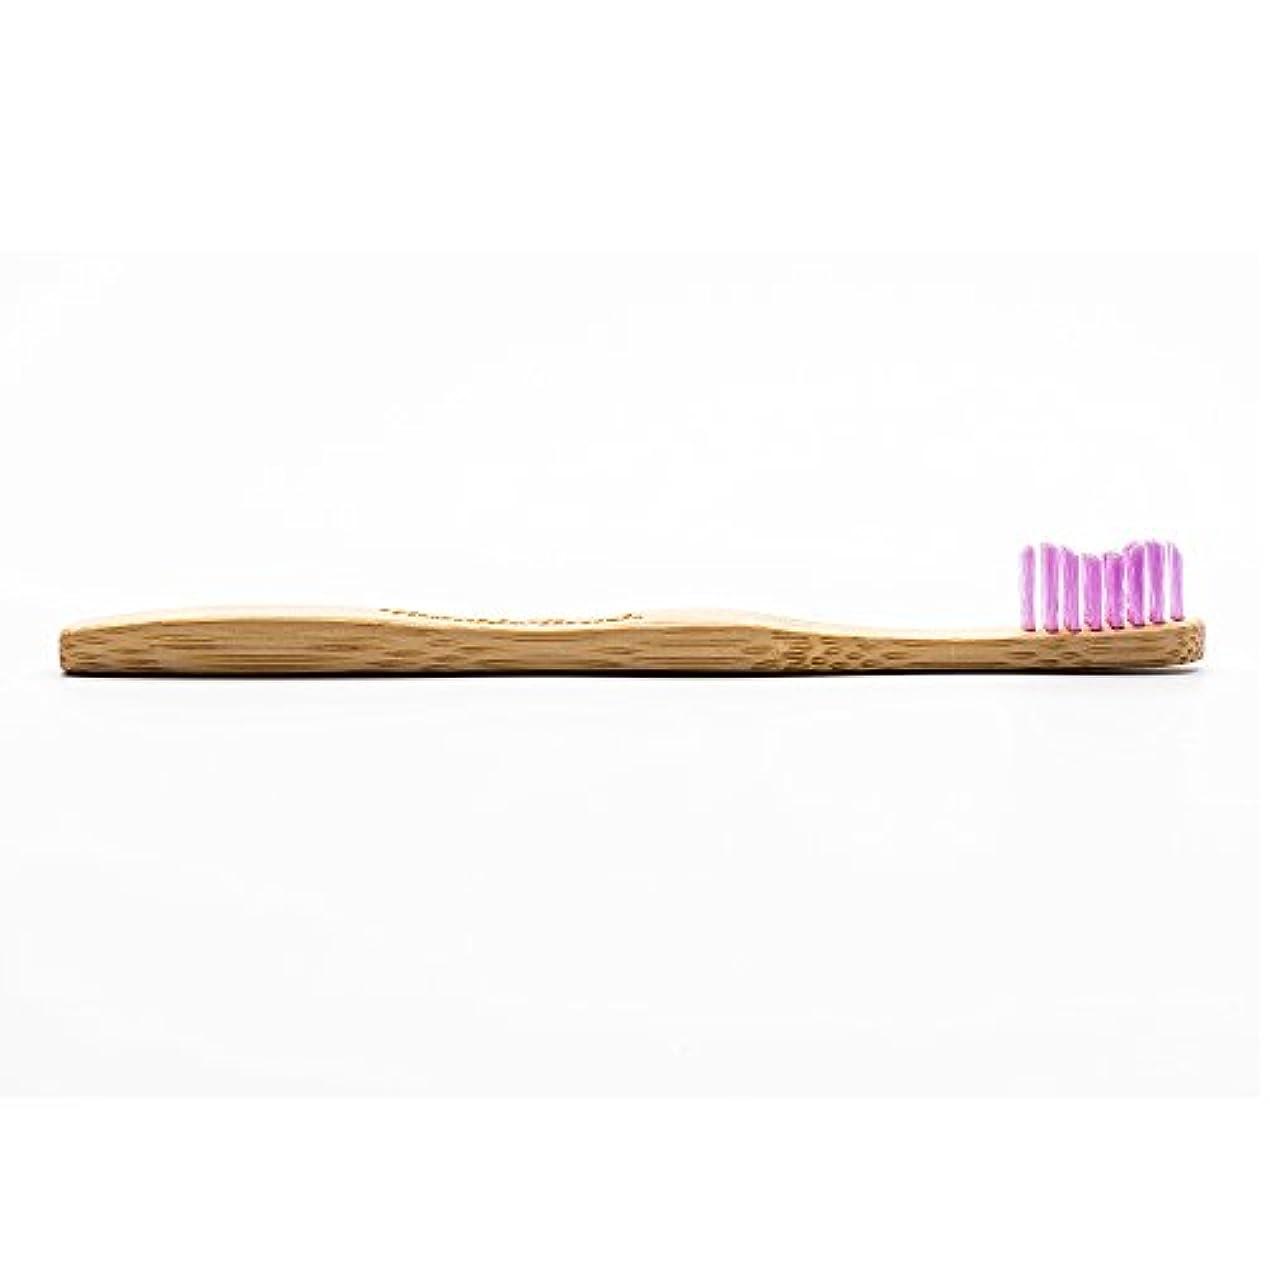 オーガニック想起窓を洗うHUMBLE BRUSH(ハンブルブラッシュ) 歯ブラシ キッズ パープル